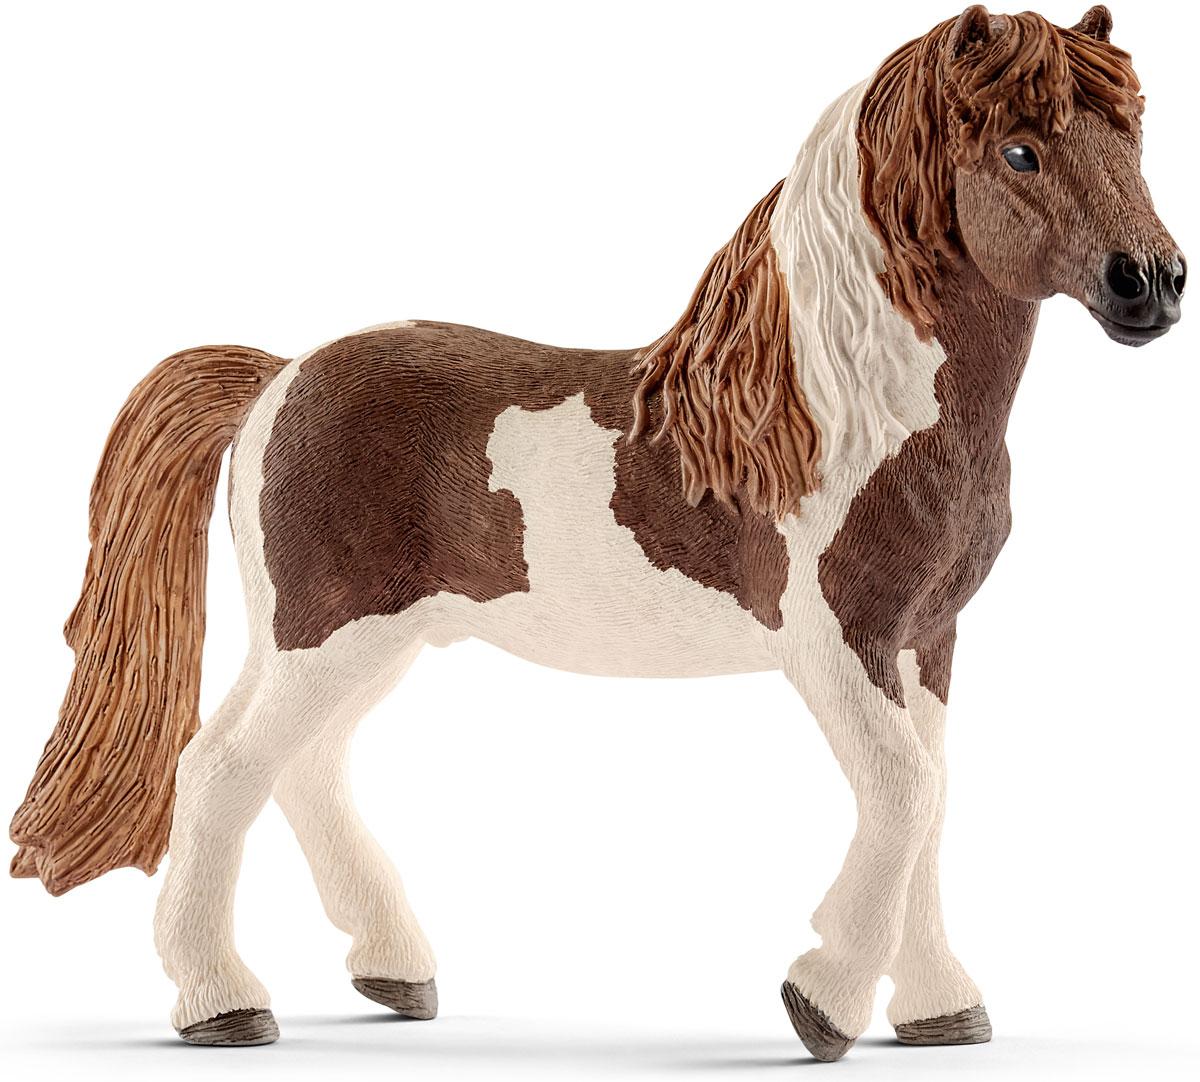 Schleich Фигурка Исландский пони жеребец